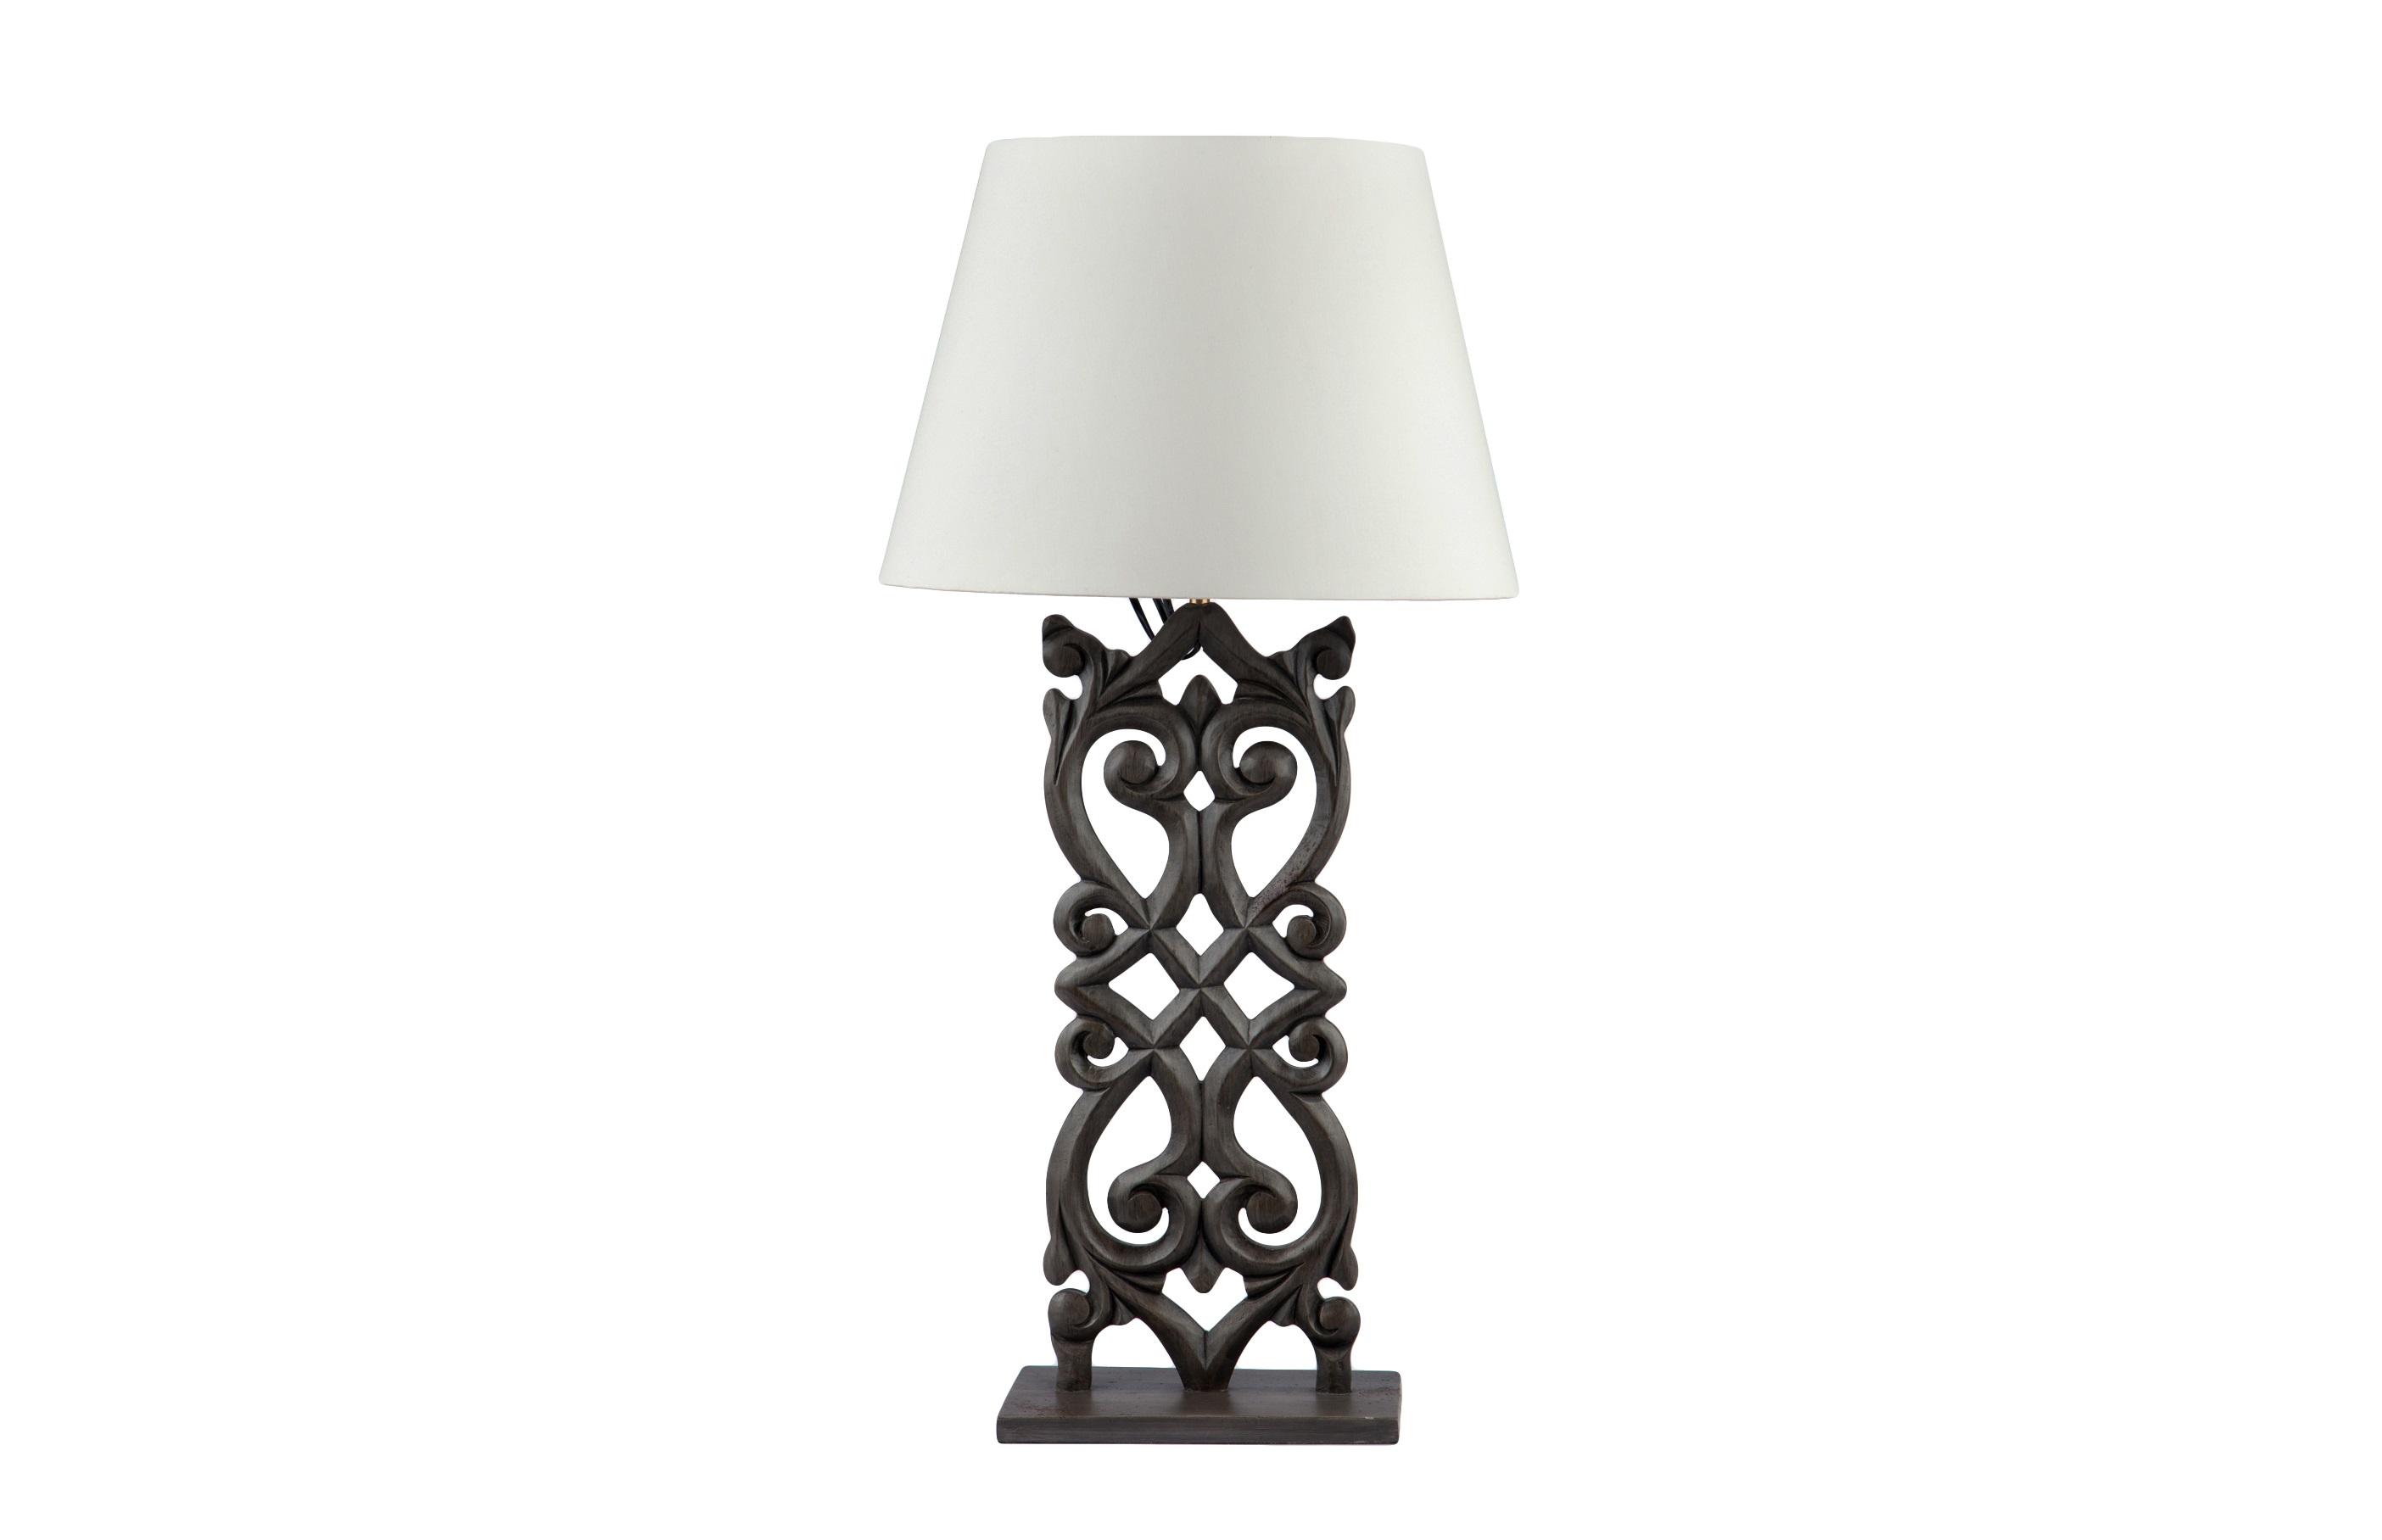 Лампа настольнаяДекоративные лампы<br>Лампа настольная на резной ножке из дерева махагони, окрашенной под состаренный металл, светлый абажур.<br><br>Material: Красное дерево<br>Width см: 25<br>Depth см: 15<br>Height см: 60